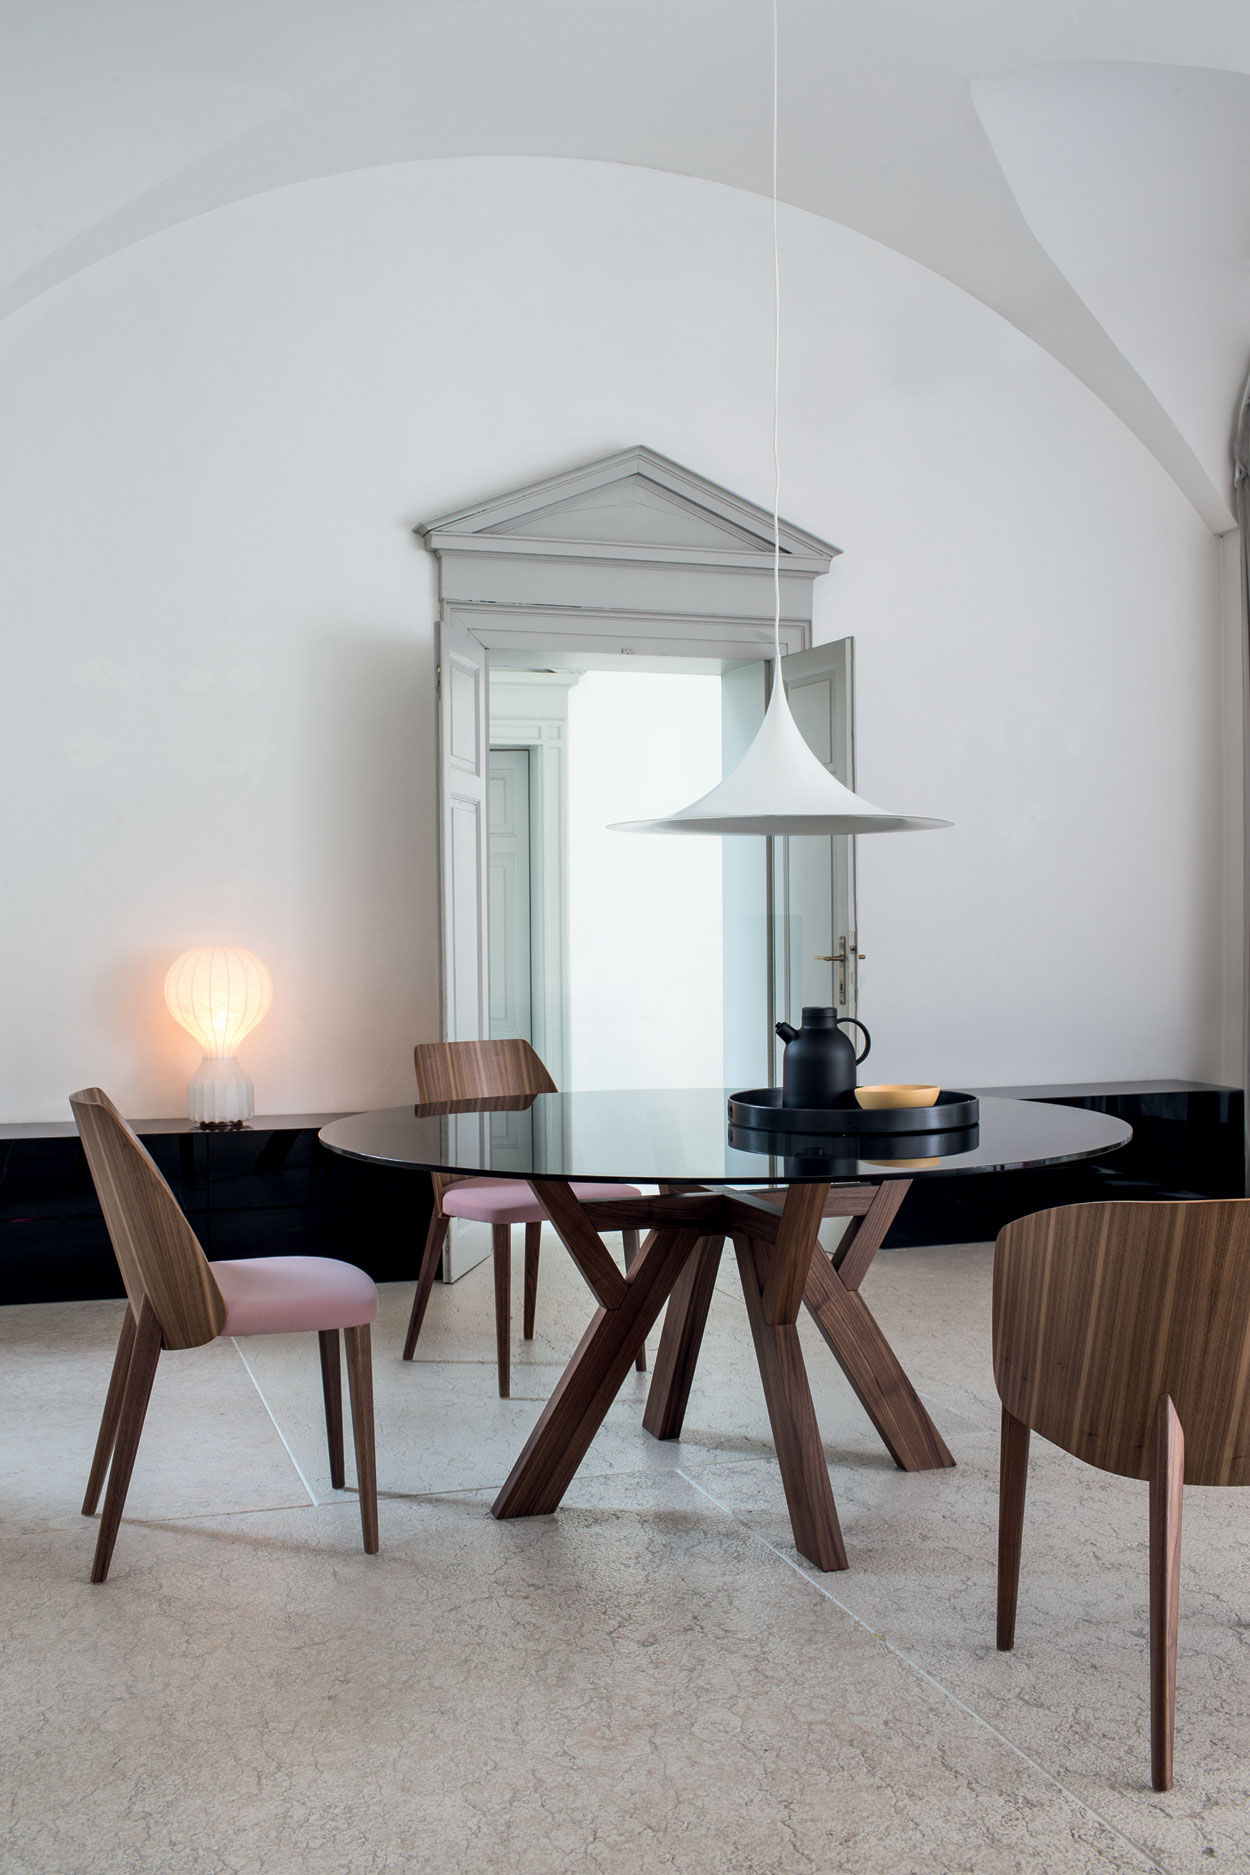 Table de réception Trigono avec piètement en bois teinté et plateau en marbre - Chaise design Shell coloris rose Bross